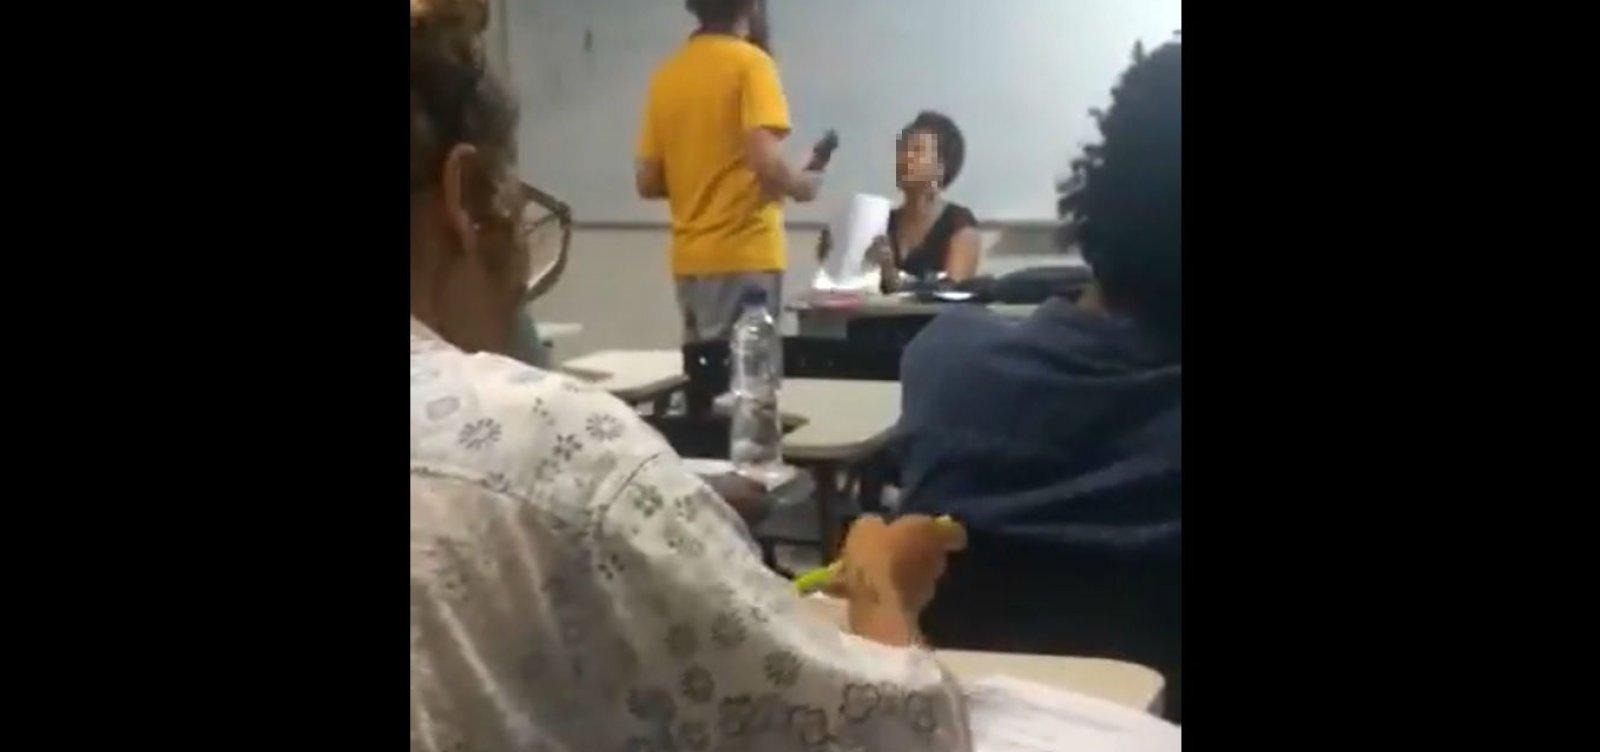 'Situação absurda e insustentável', diz professora negra após aluno se recusar a receber avaliação